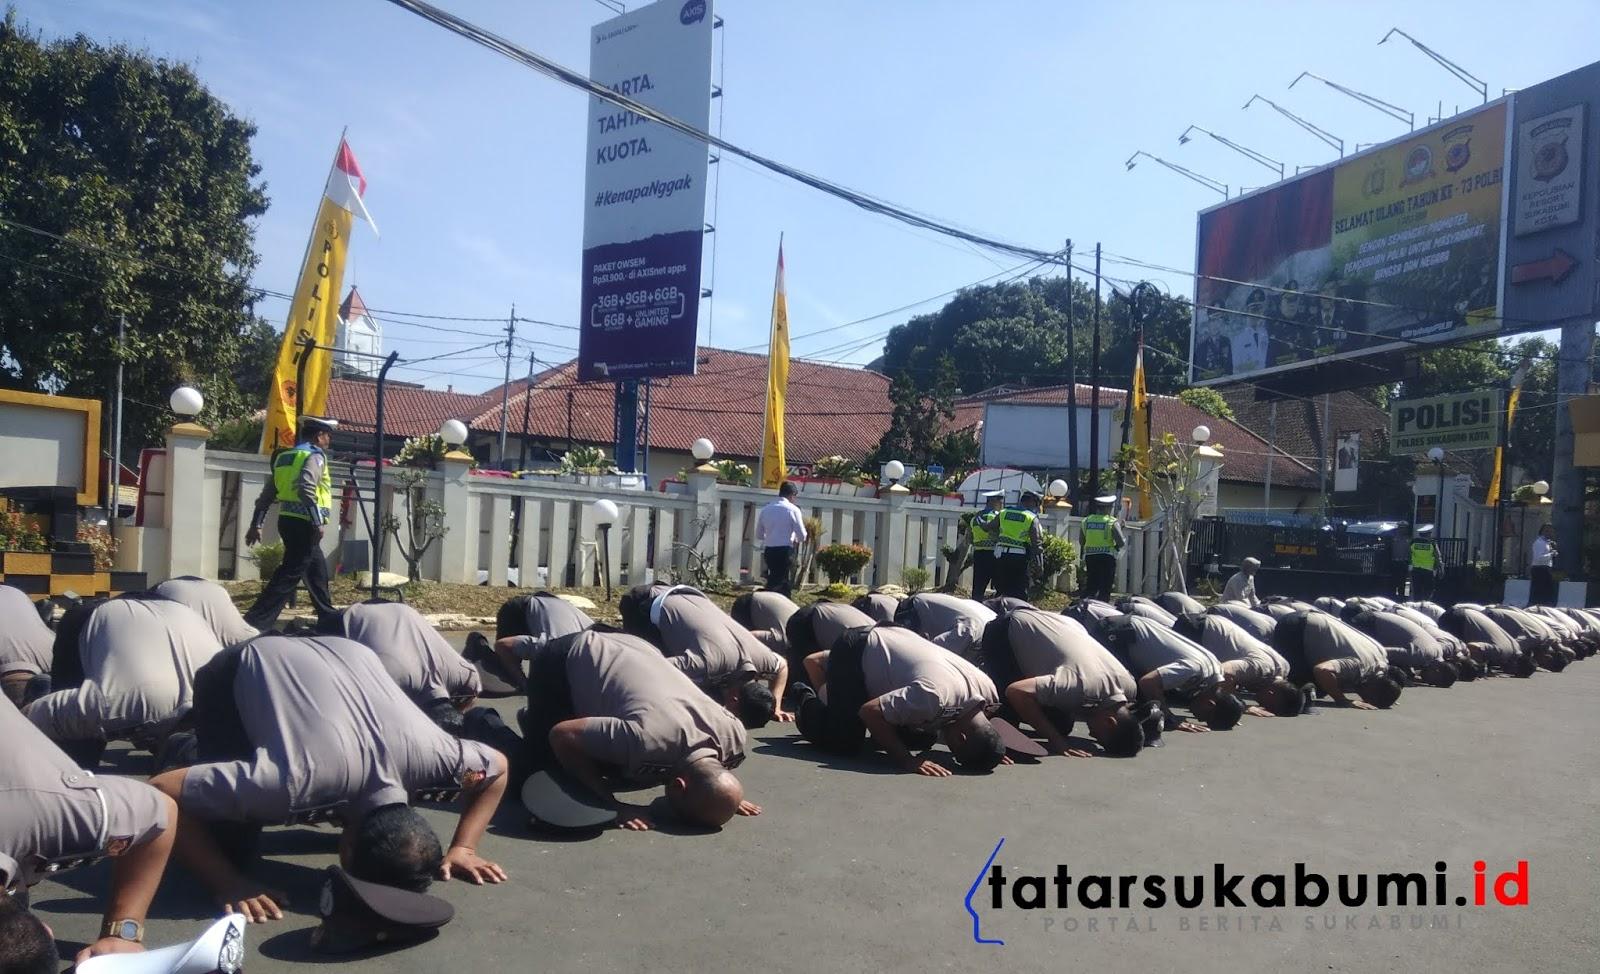 Korps Raport 52 Anggota Polresta Sukabumi Naik Pangkat